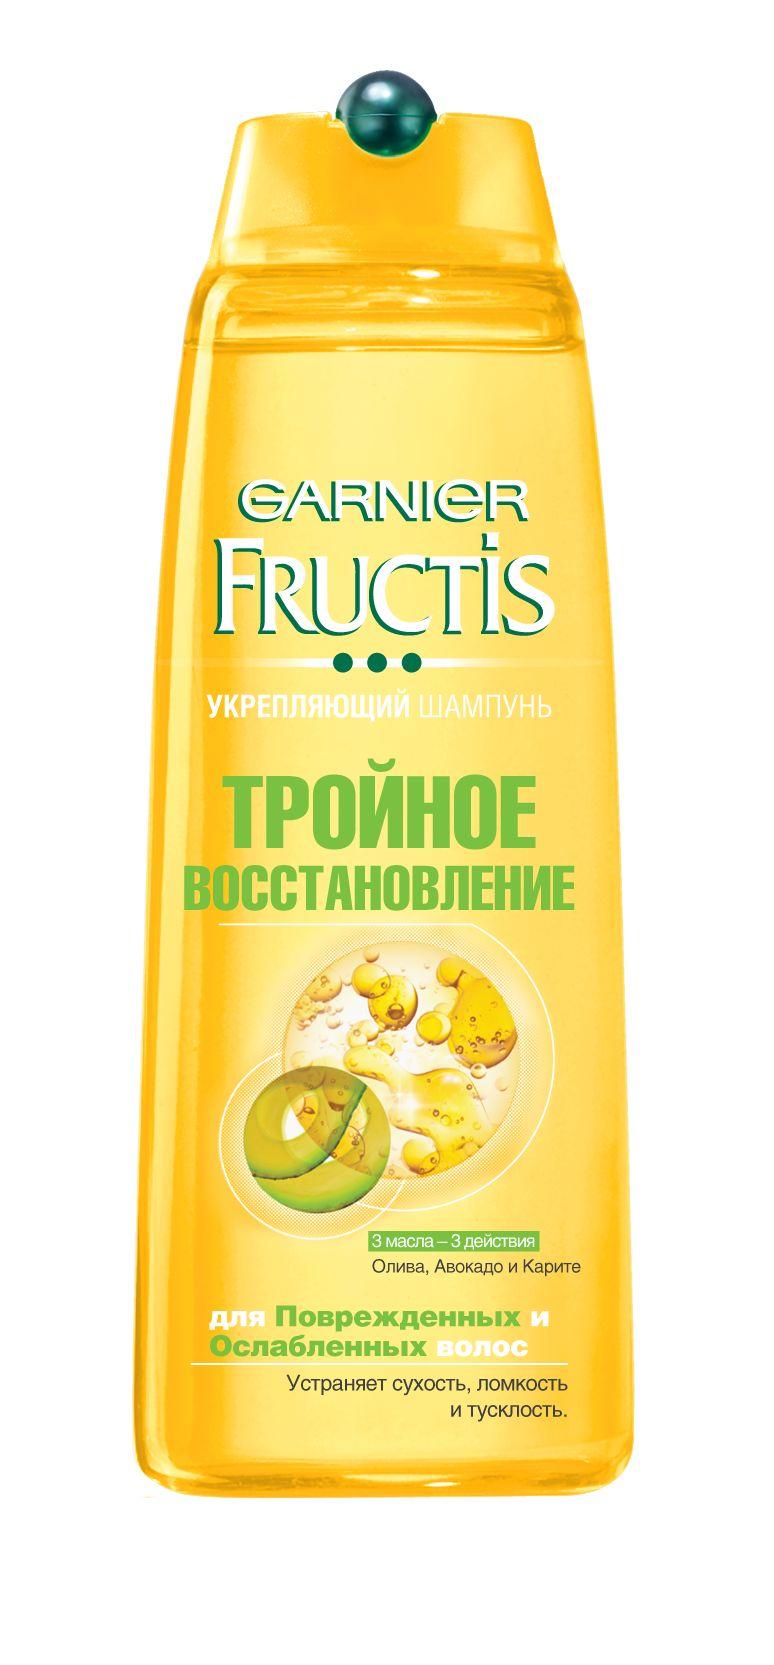 Garnier Fructis Шампунь для волос Фруктис, Тройное Восстановление, укрепляющий, для поврежденных и ослабленных волос, 400 мл, с маслами Оливы, Авокадо и КаритеC4387824Глубоко восстанавливает и укрепляет волосы от корней до кончиков. Волосы крепкие, блестящие, выглядят здоровыми. 3 масла - 3 действия против ломкости, сухости, тусклости: 1. Масло Оливы против ломкости. Укрепляет сердце волоса. 2. Масло Авокадо против сухости. Питает средние слои волоса. 3. Масло Карите против тусклости. Разглаживает поверхность волоса. Результат: Восстановленные, более крепкие и блестящие волосы выглядят здоровыми.